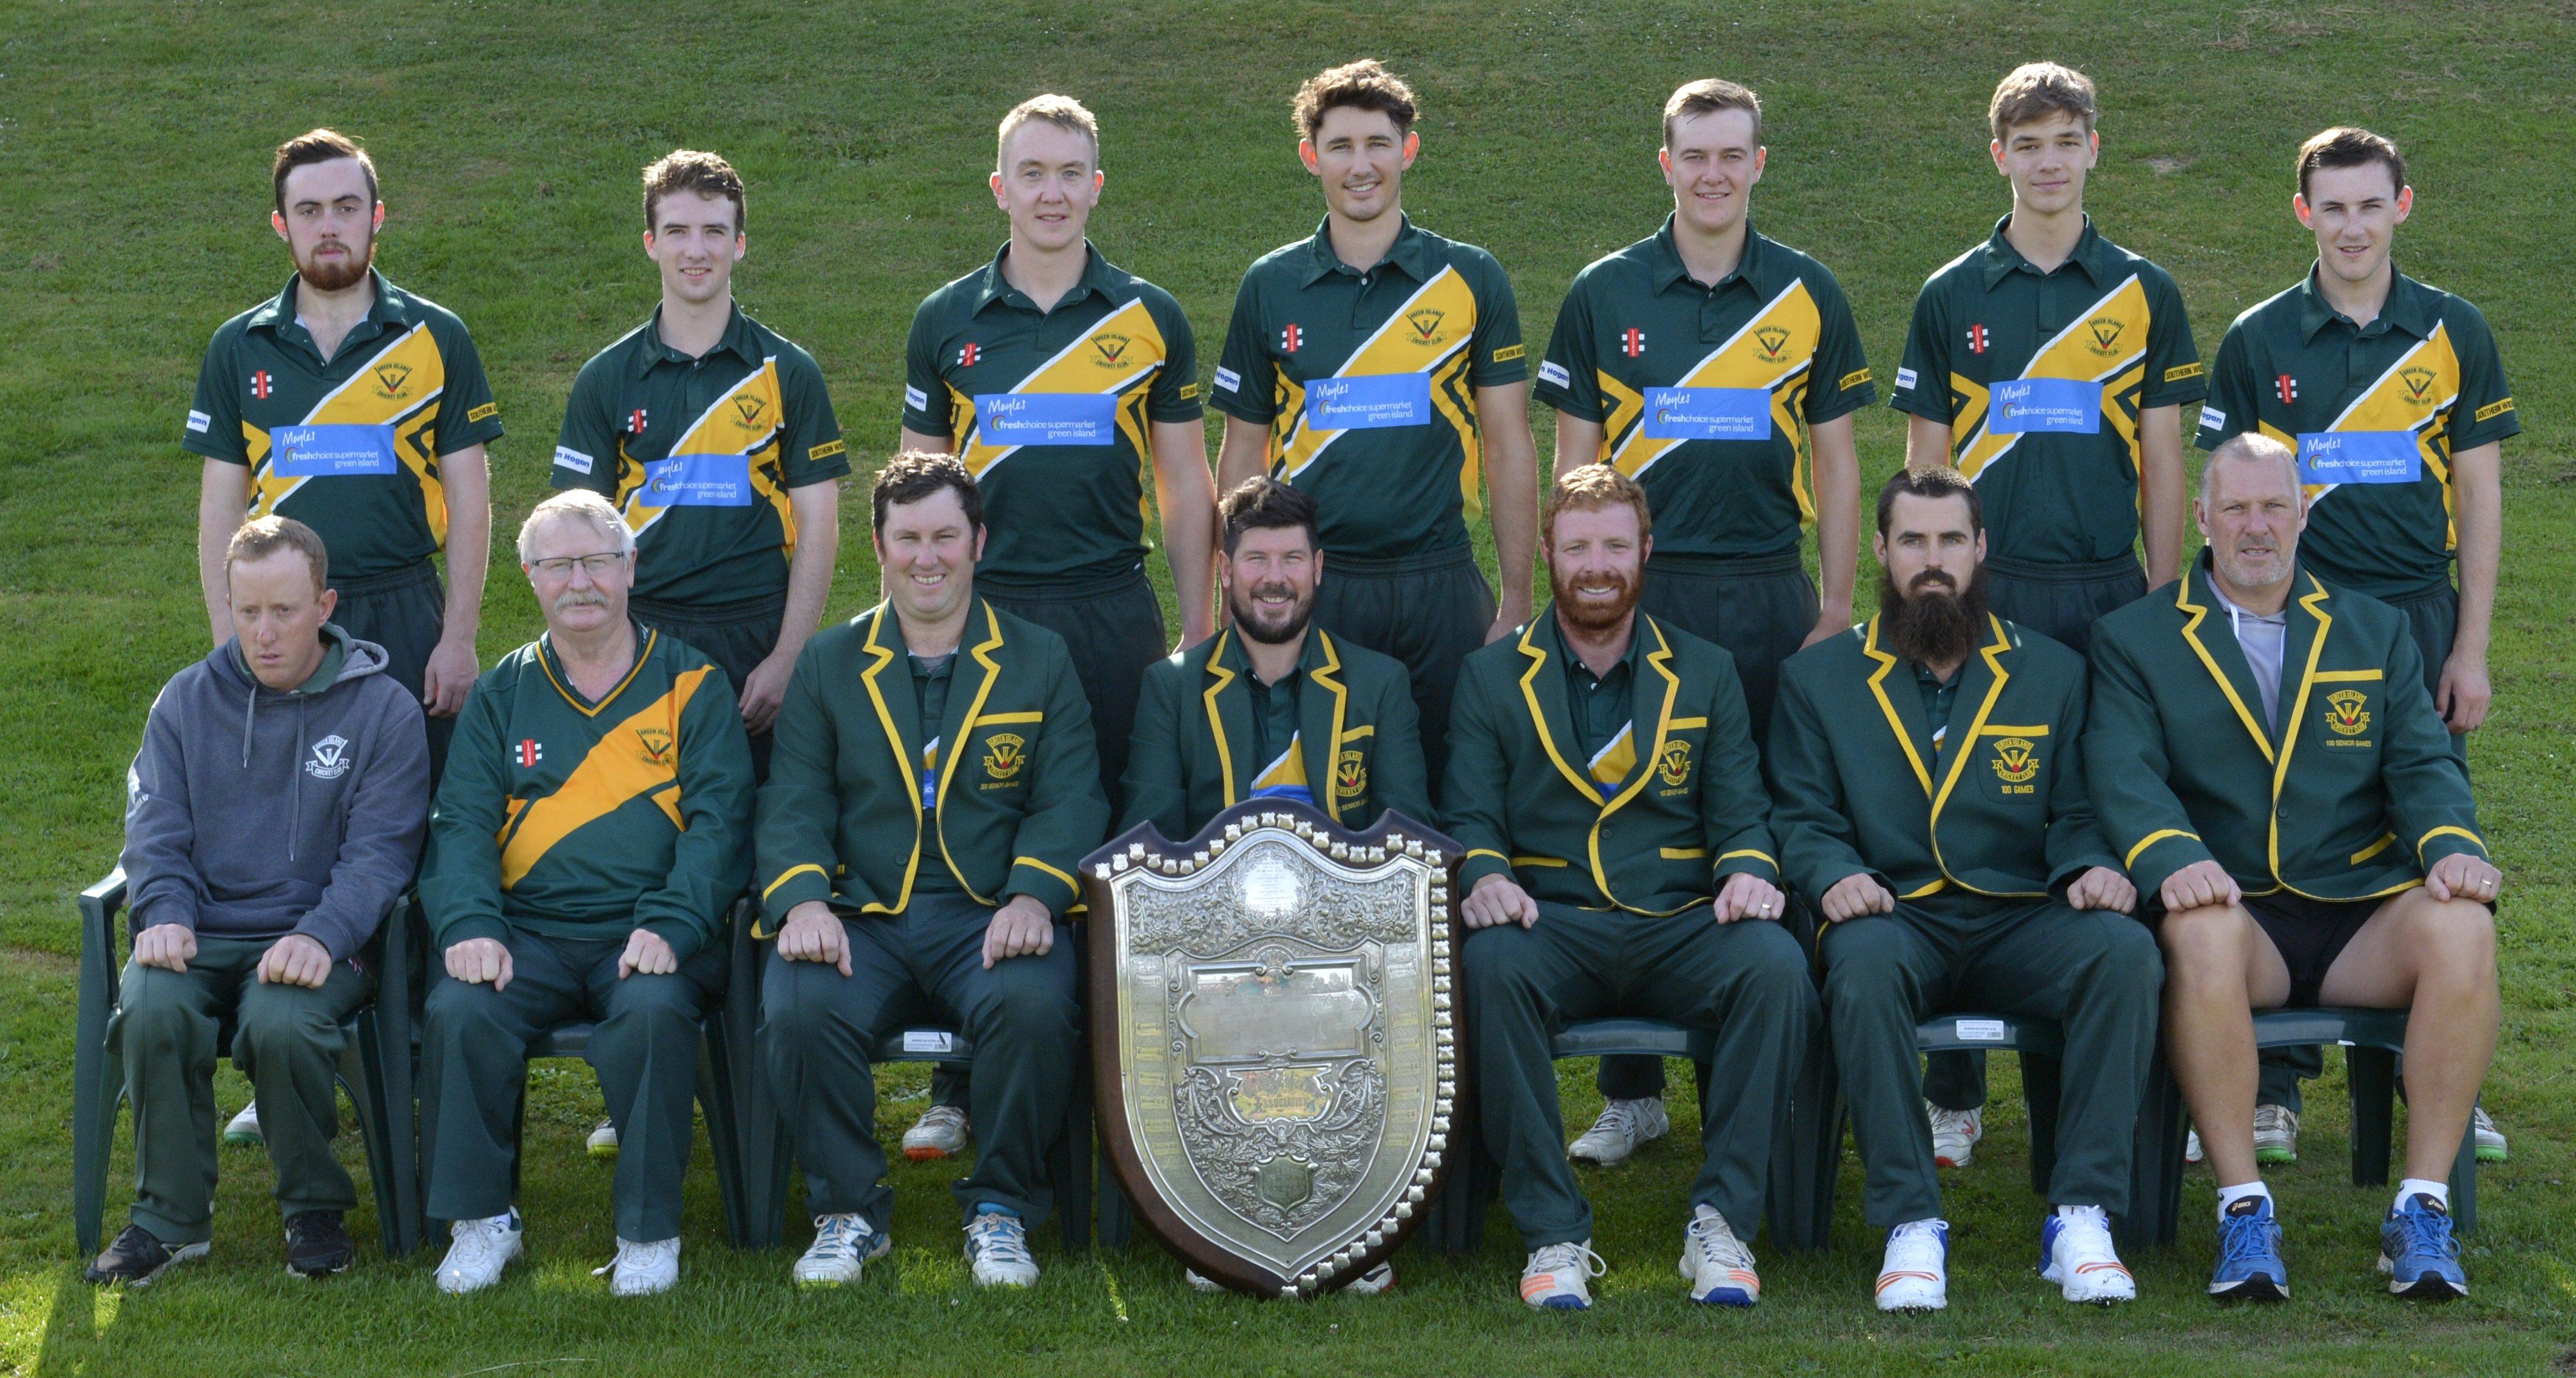 星期六在桑尼维尔举行的冠军绿岛板球队与Bing Harris奖杯....